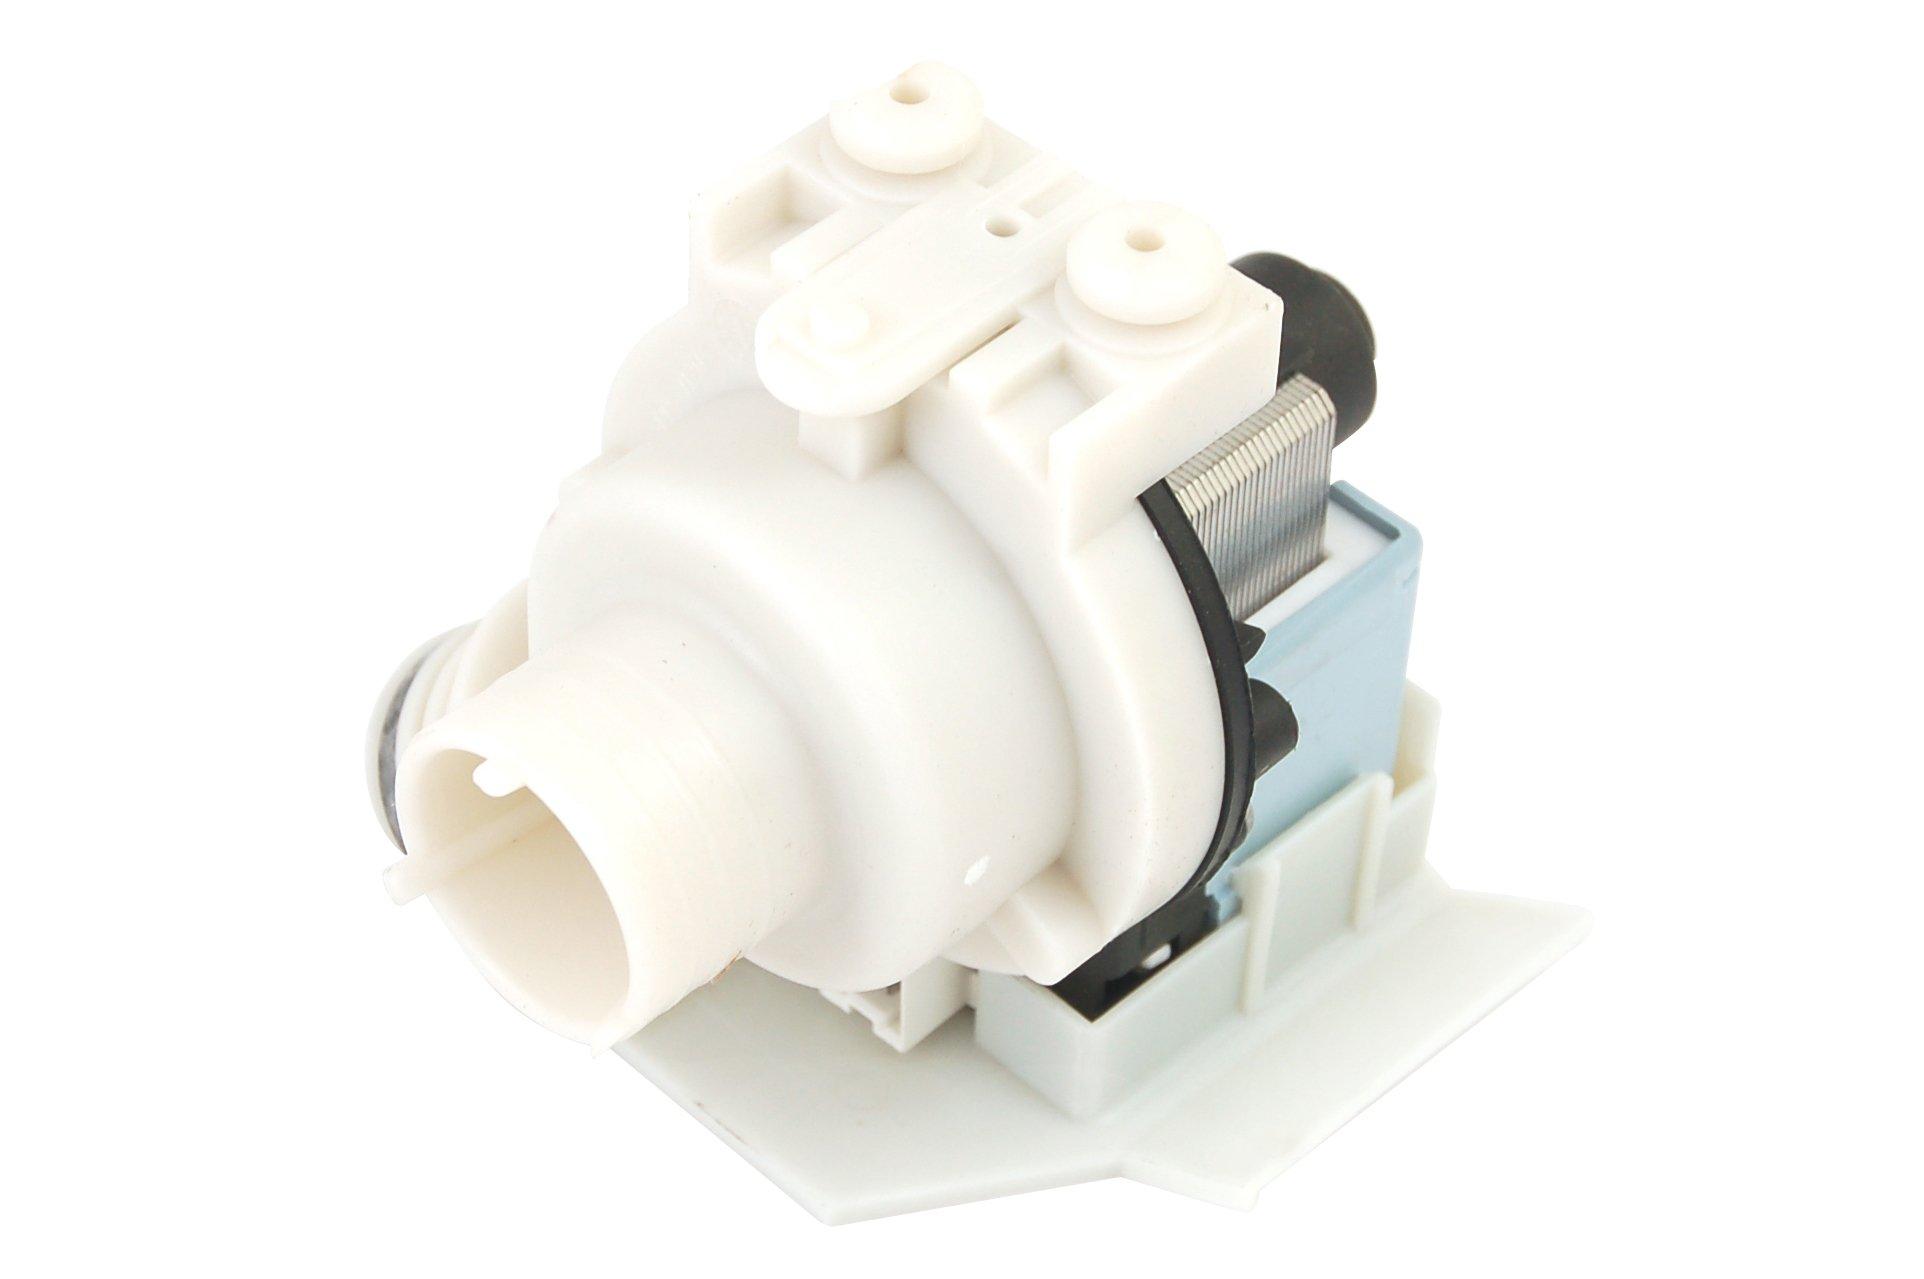 Genuine-HOTPOINT-Waschmaschine-Ablaufpumpe-Pumpe-Montage